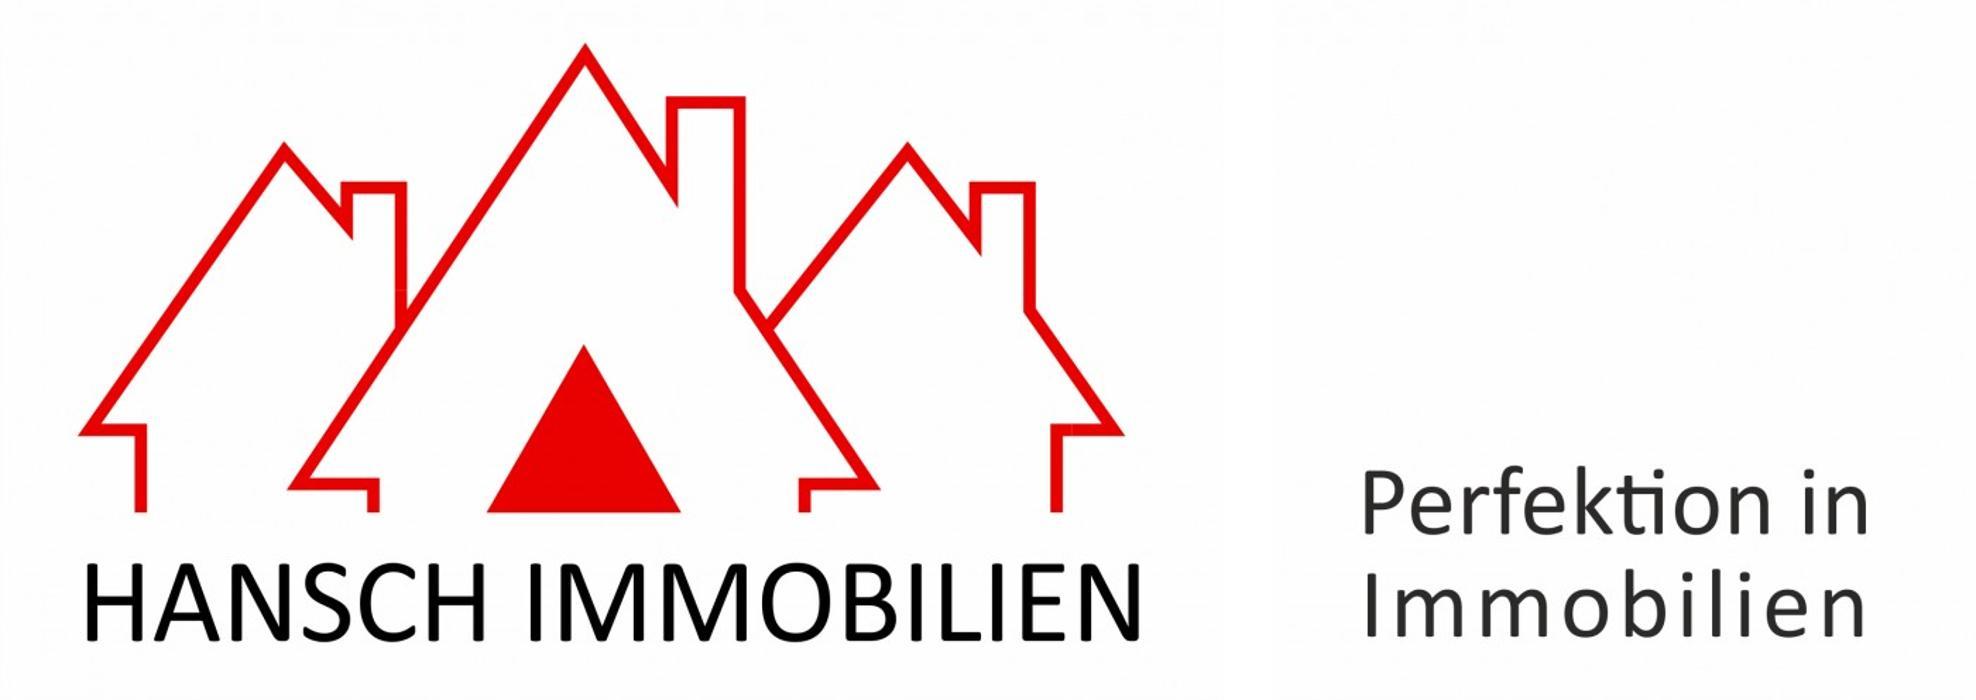 Bild zu Hansch Immobilien Gruppe IVD in Köln